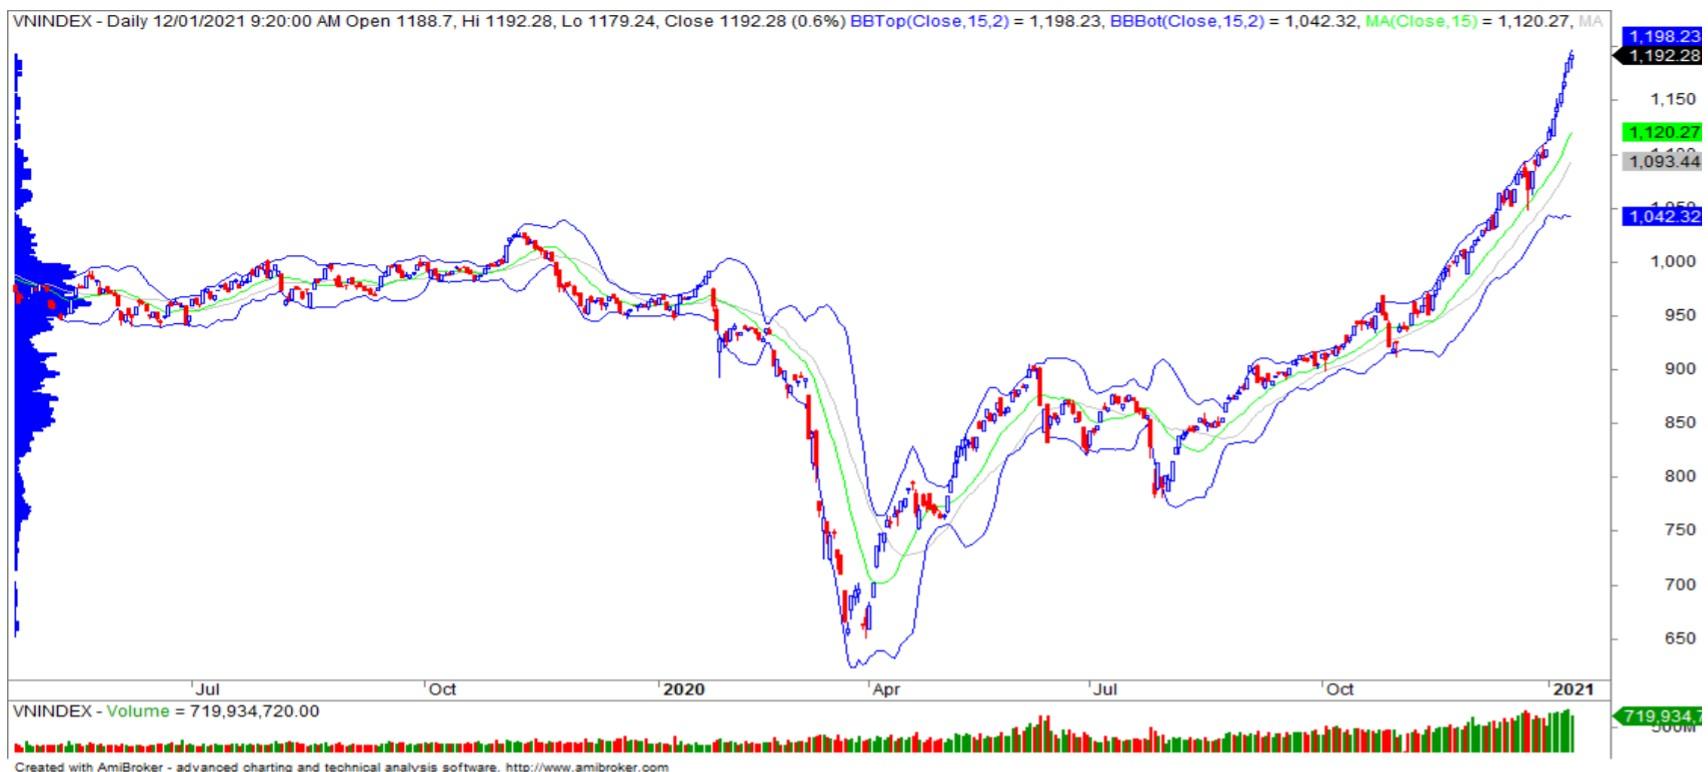 Nhận định thị trường chứng khoán ngày 13/1: VN-Index sẽ chinh phục ngưỡng 1.200 điểm? - Ảnh 1.